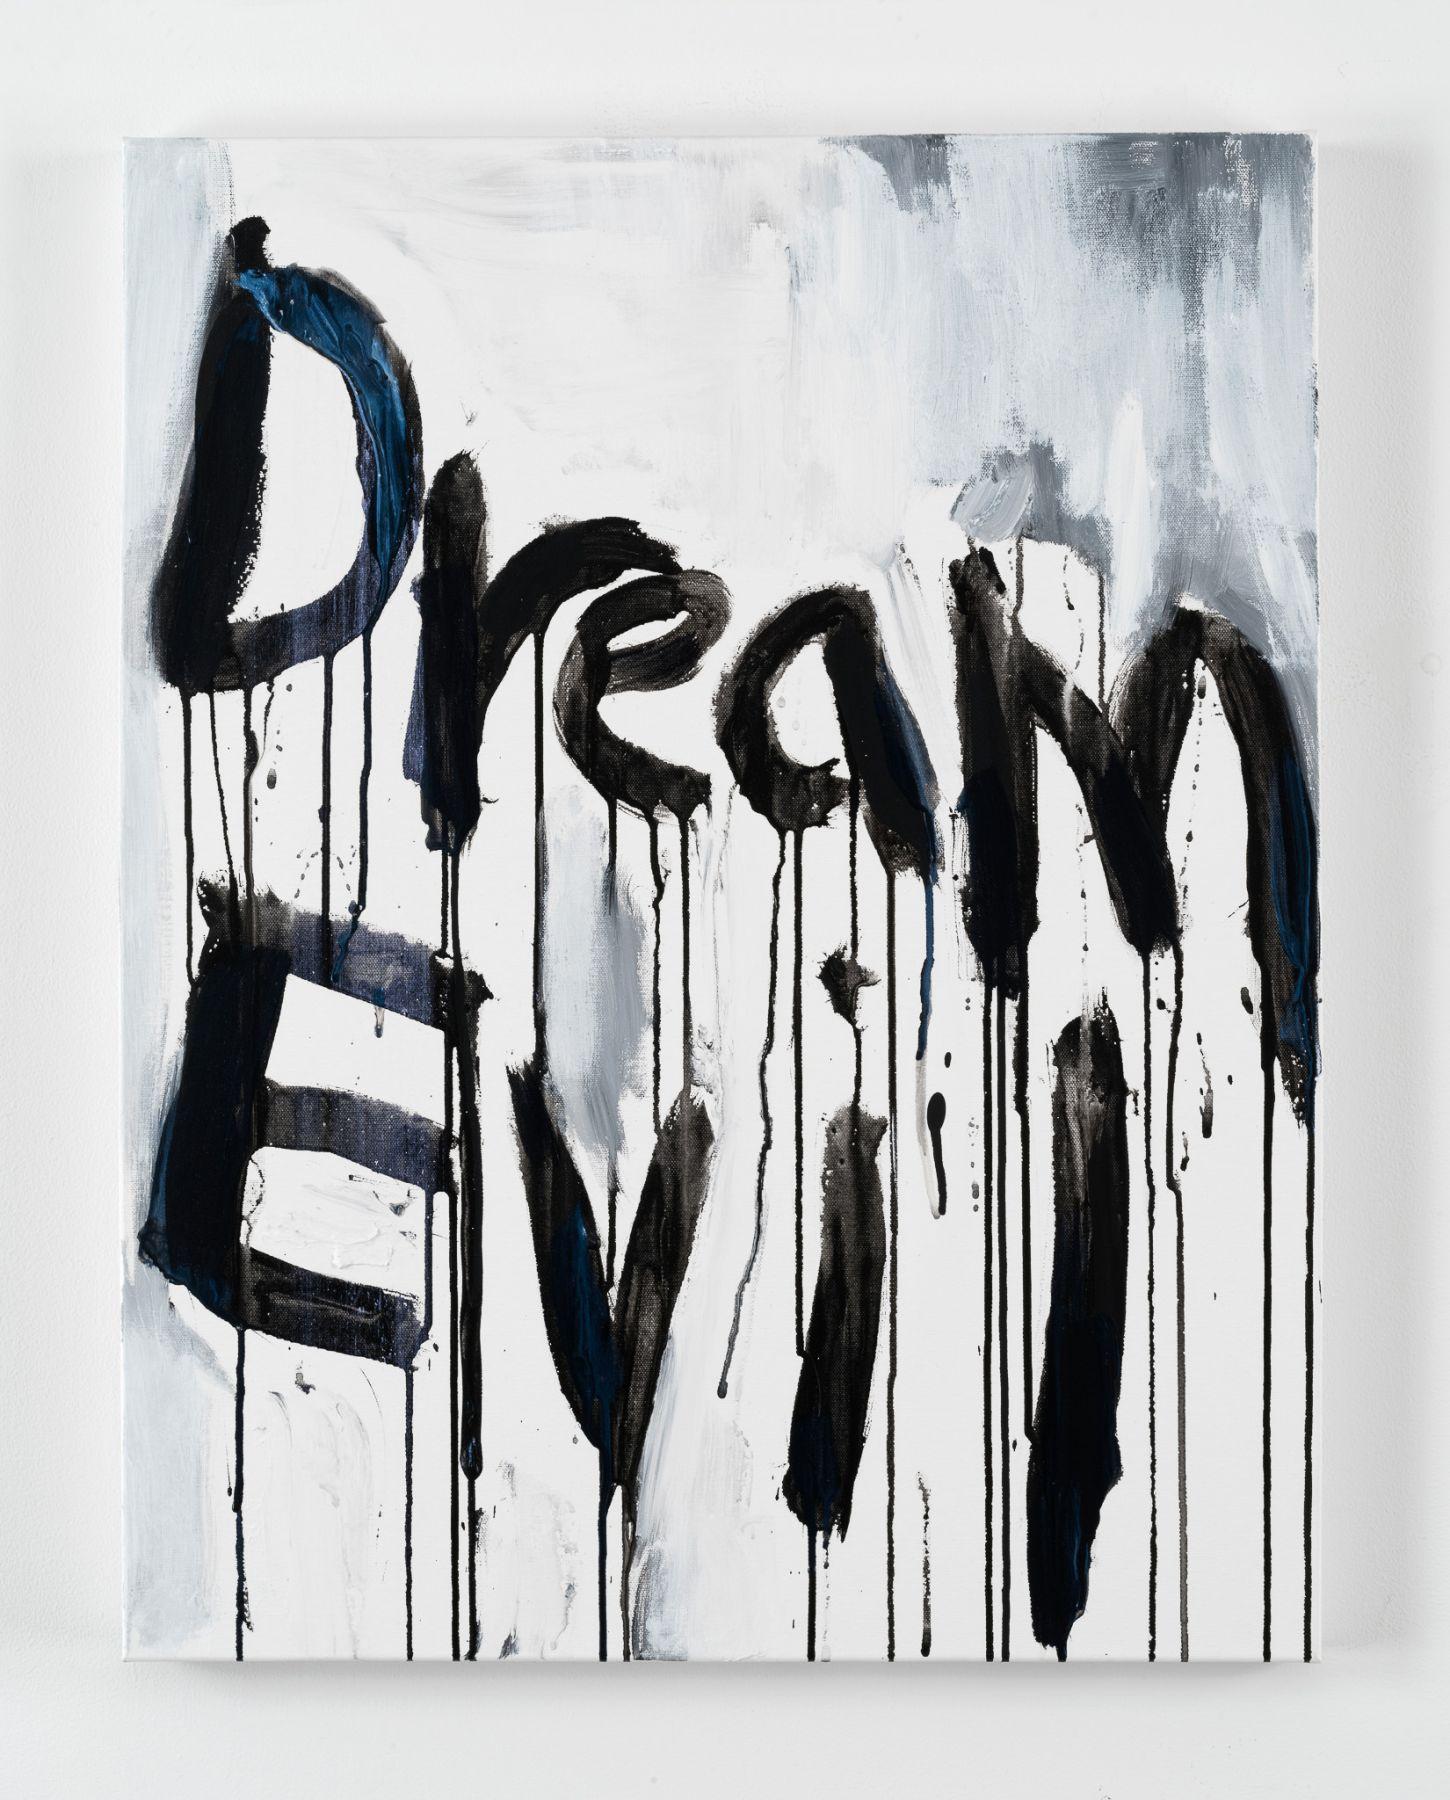 Kim Gordon, Dream Evil, 2019